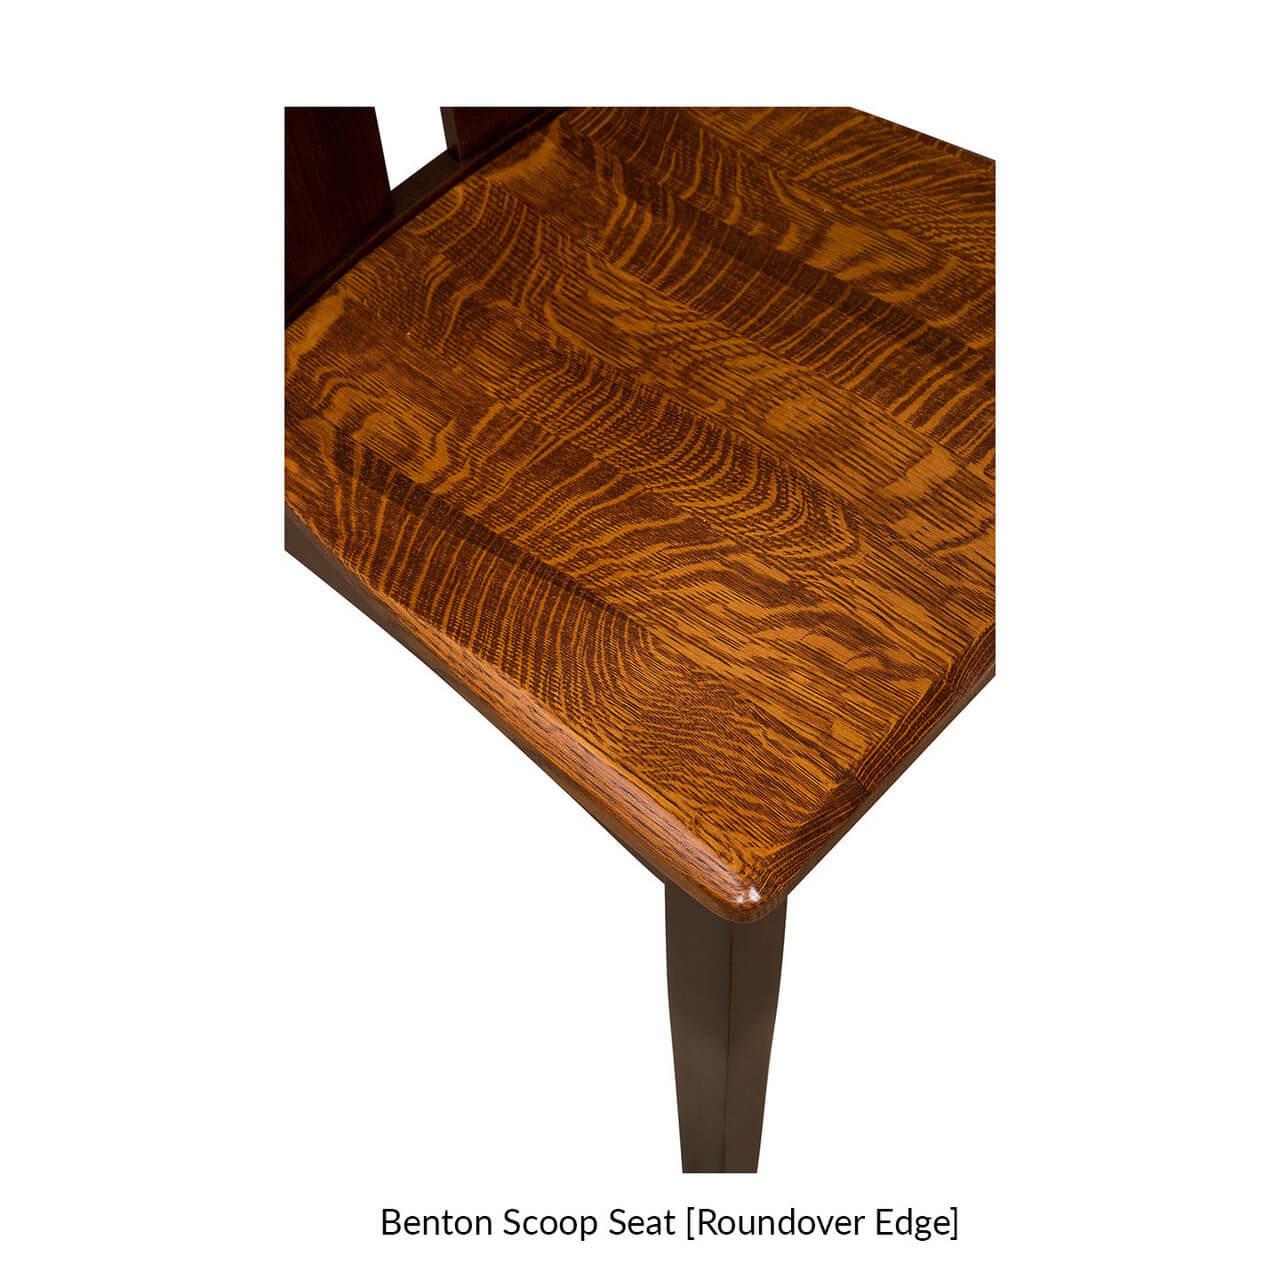 3-benton-scoop-seat-roundover-edge.jpg